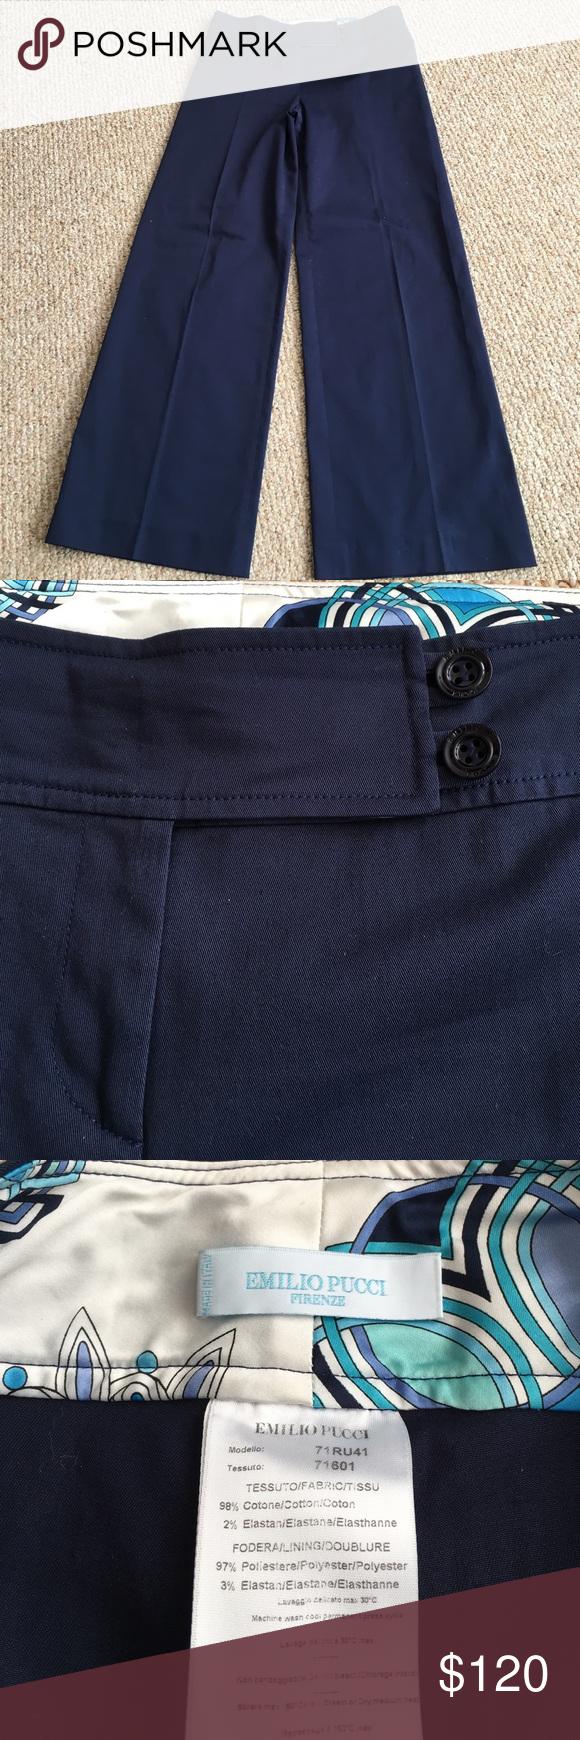 """Emilio Pucci Firenze Slacks EUC. Navy blue. Cotton/elastin blend. Size 12. Wide leg. Inseam 30 1/2"""". Emilio Pucci Pants Wide Leg"""